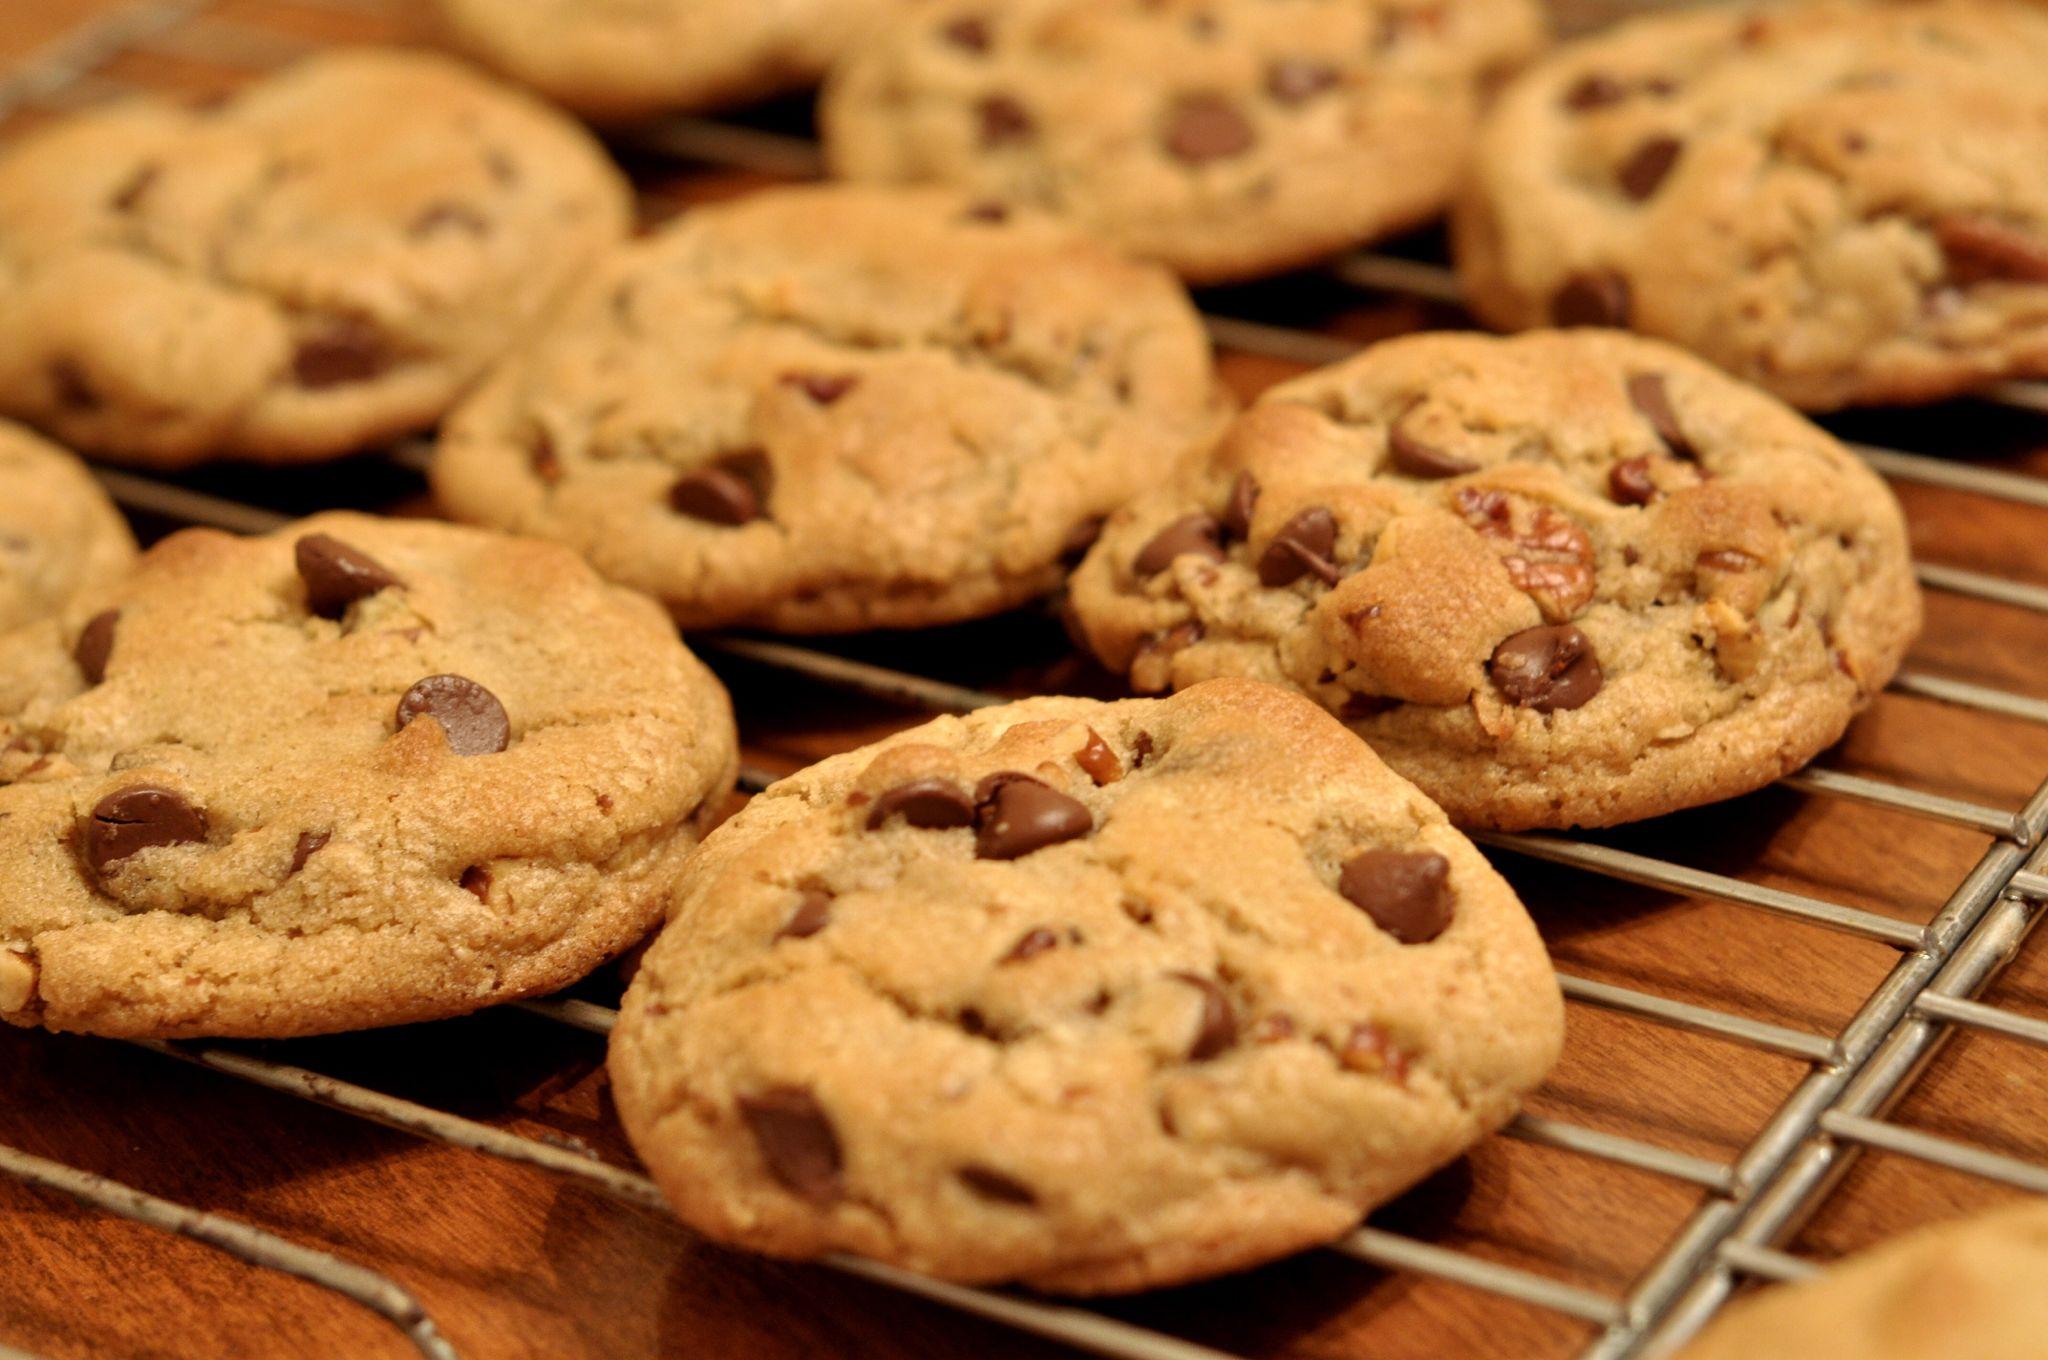 http://www.chefkoch.de/forum/2,36,61193/Plaetzchenzeit-vorbei-aber-dieses-kann-mann-das-ganzes-jahr-ueber-essen-Chocolate-Chip-cookies.html